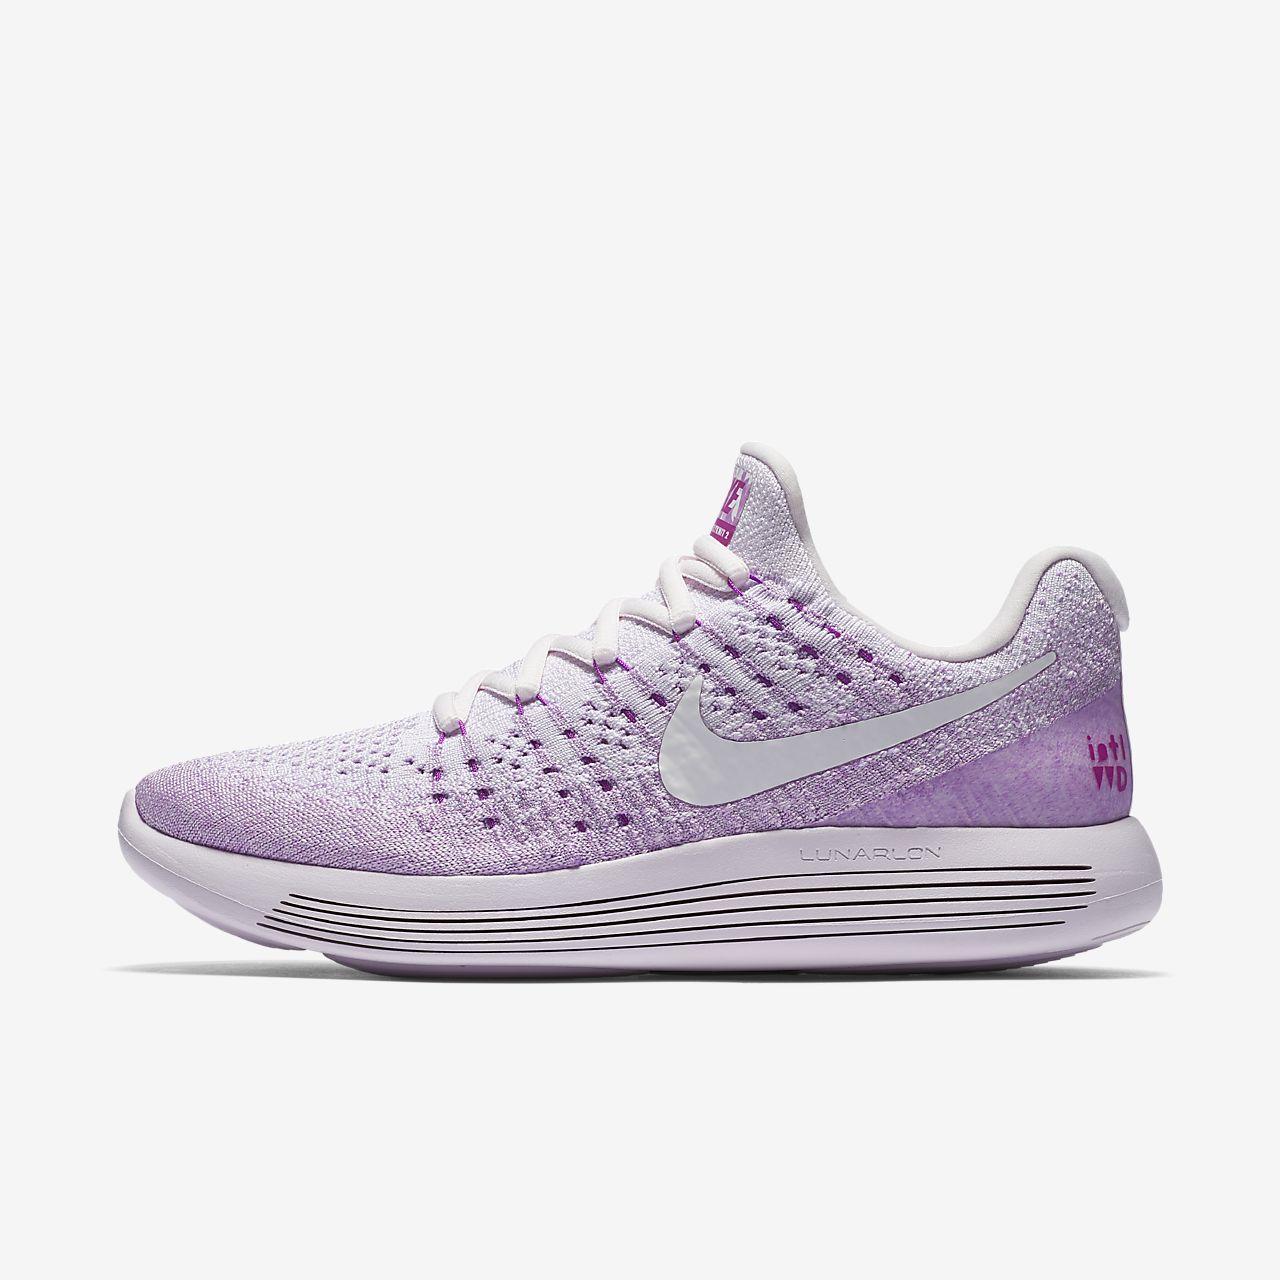 ... Nike LunarEpic Low Flyknit 2 International Women's Day Women's Running  Shoe